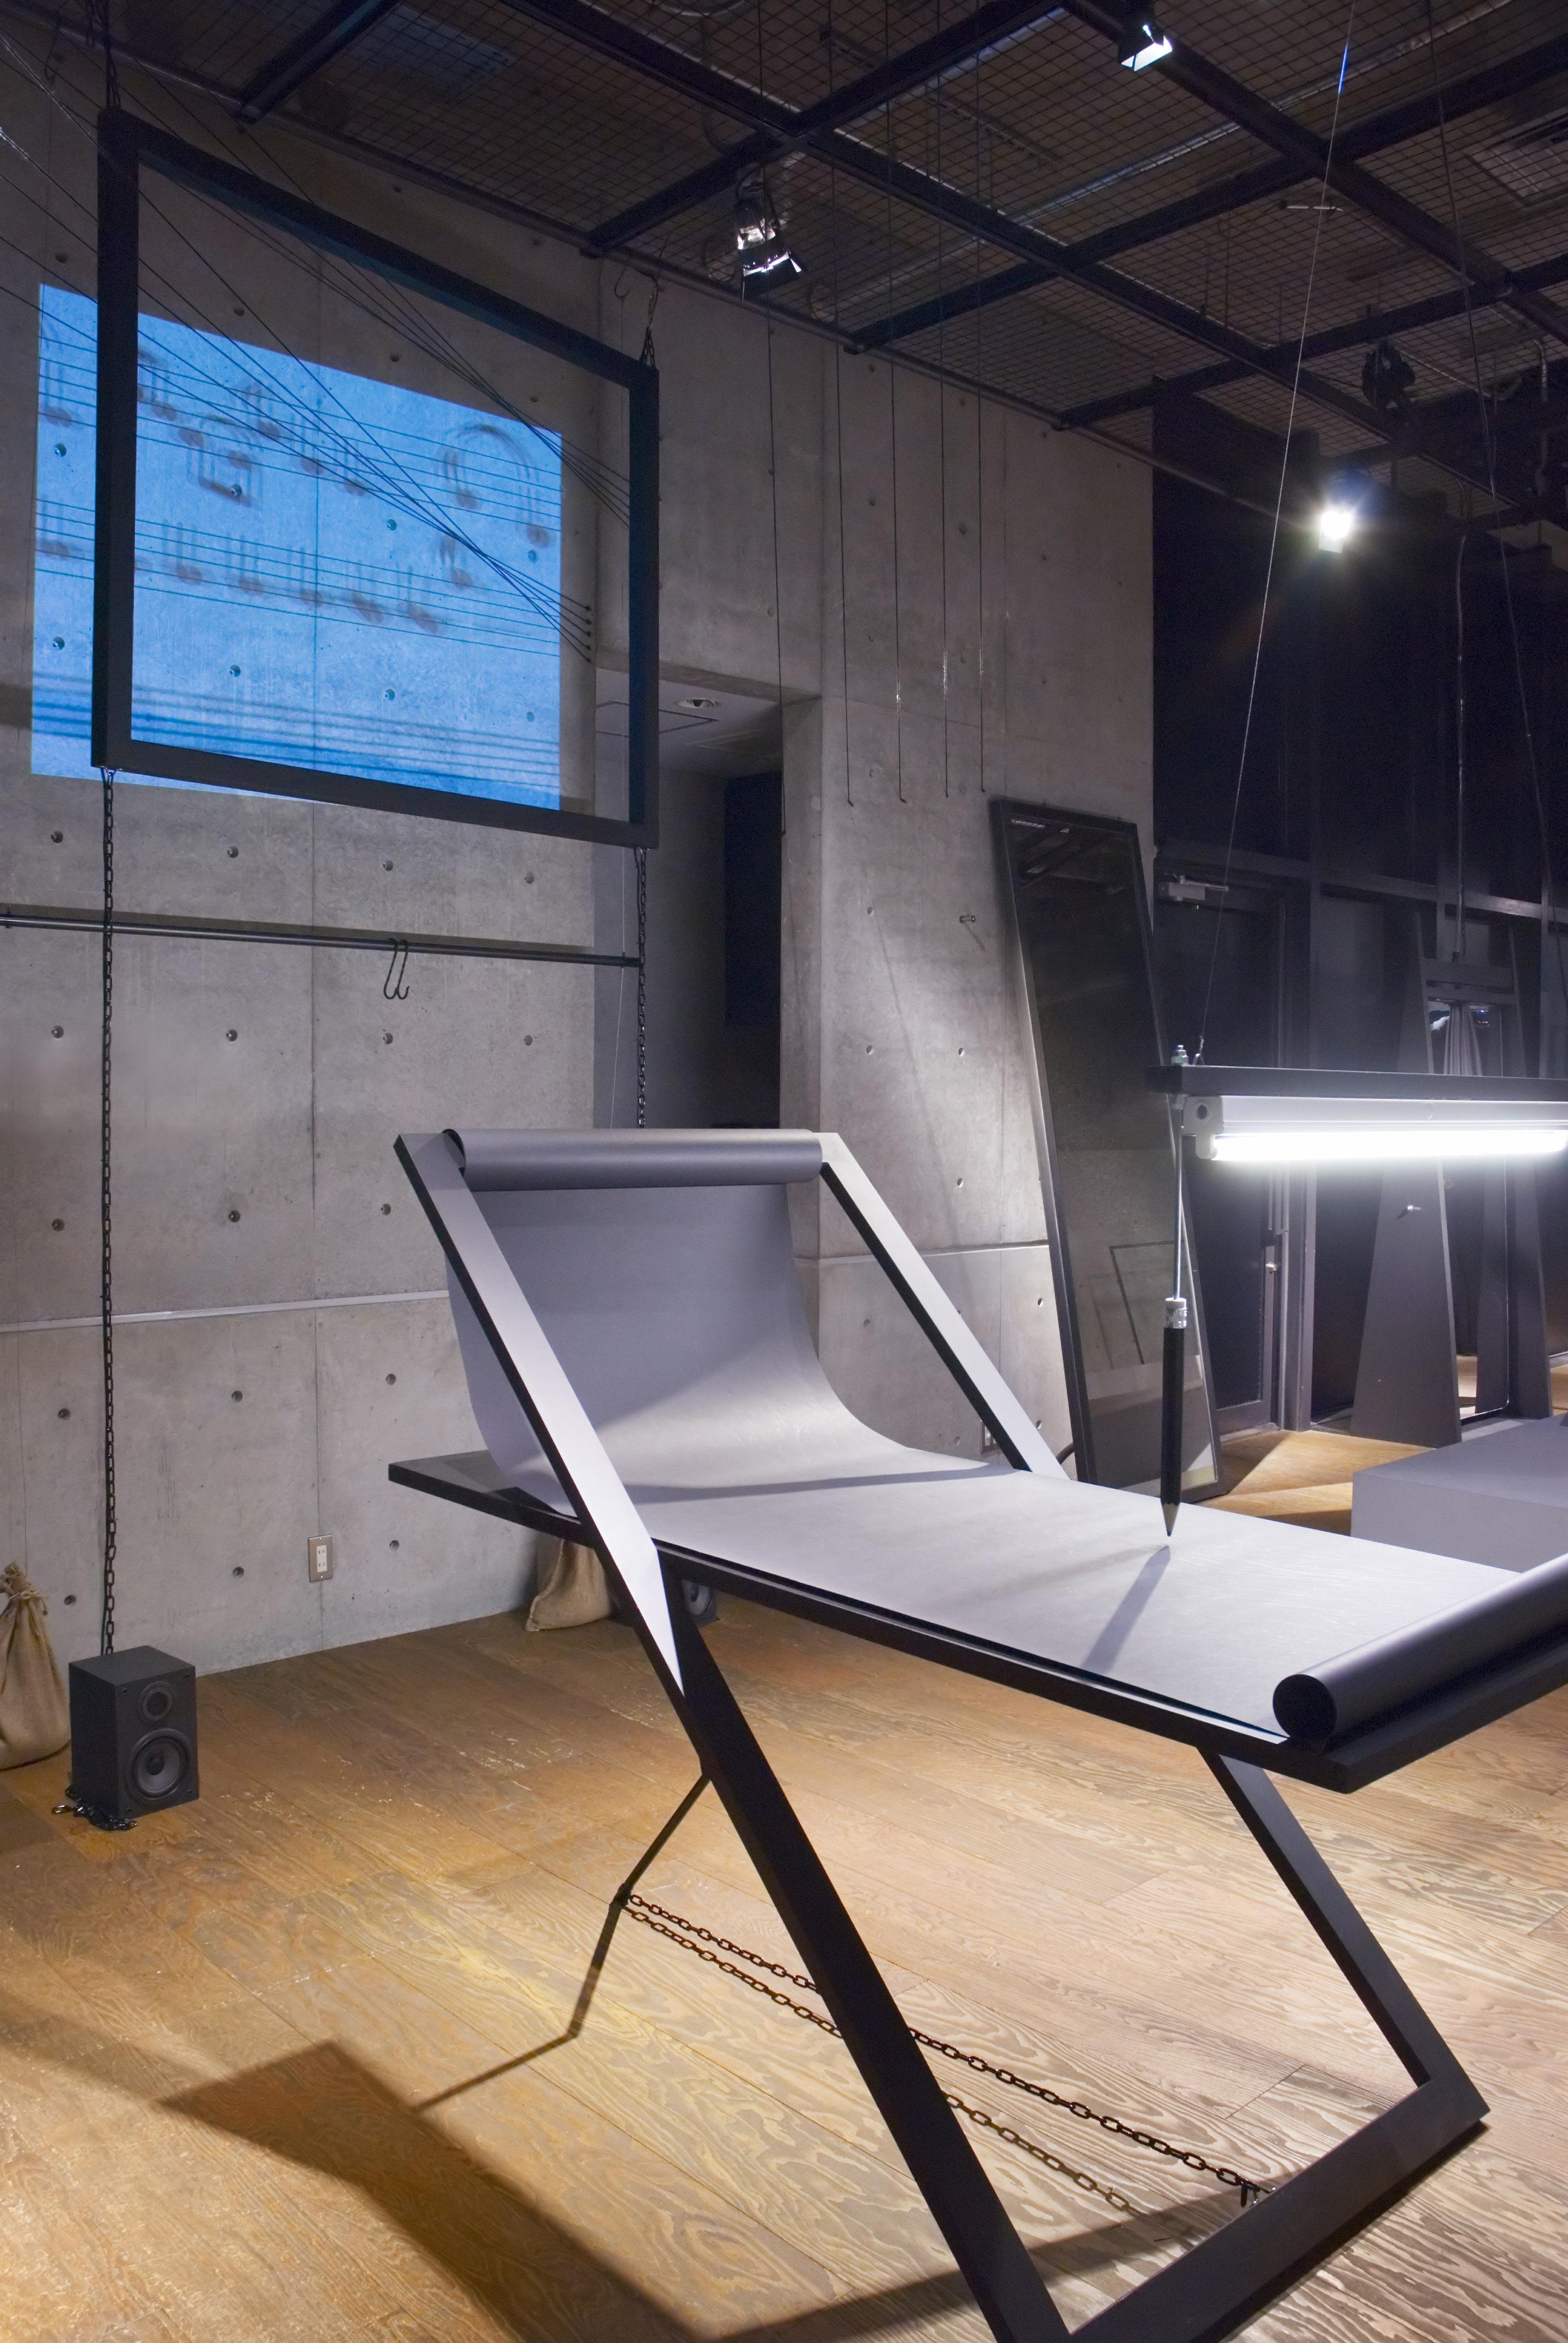 Megumi Matsubara Exhibition at Diesel Denim Gallery